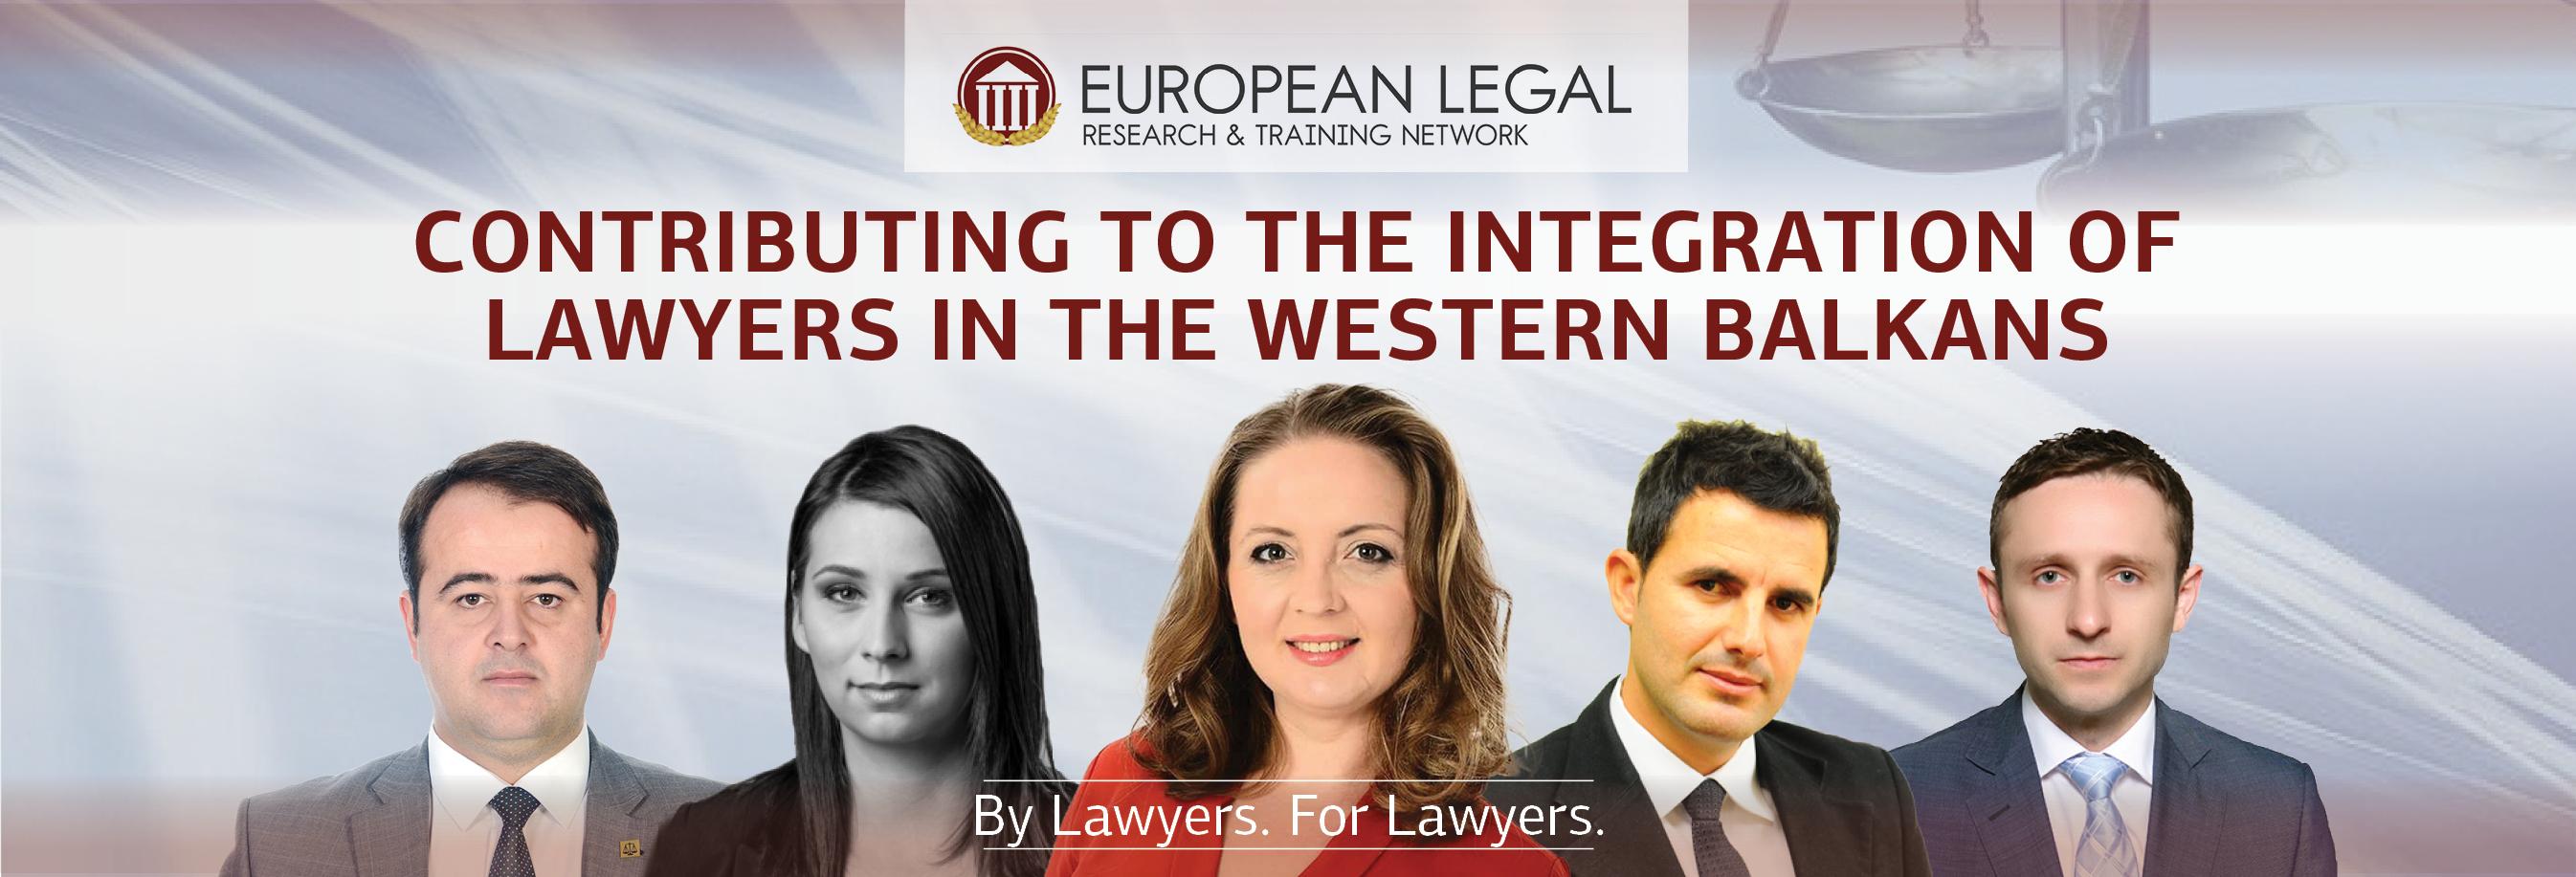 European Legal Seminar